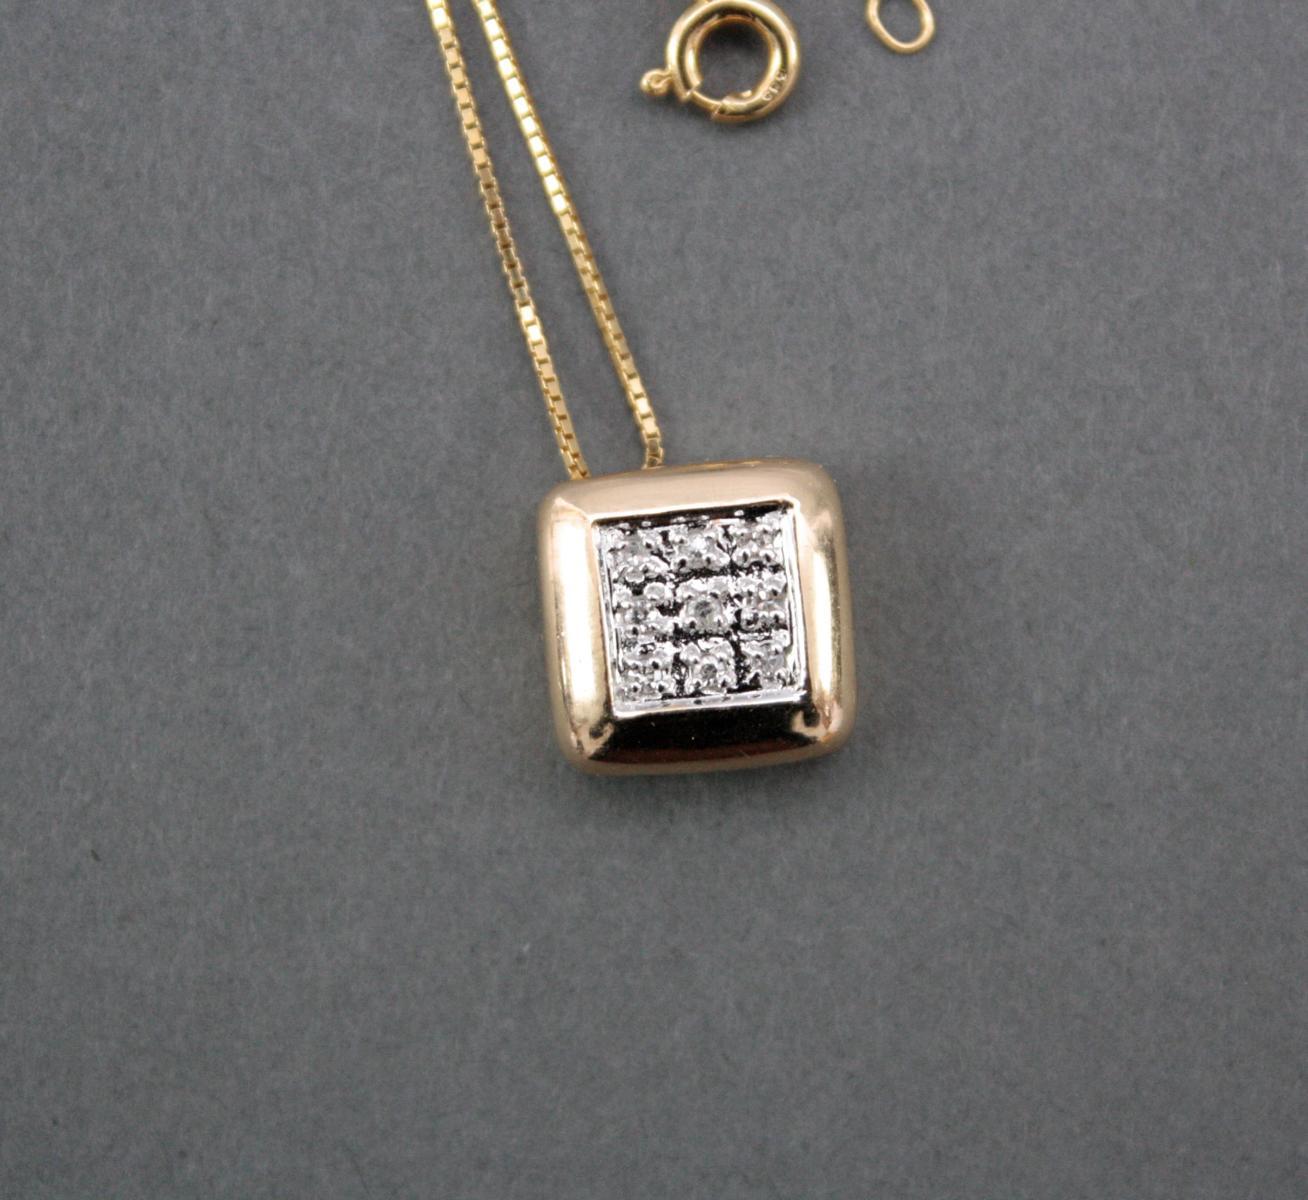 Halskette mit Diamantanhänger, 14 Karat Gelbgold-2